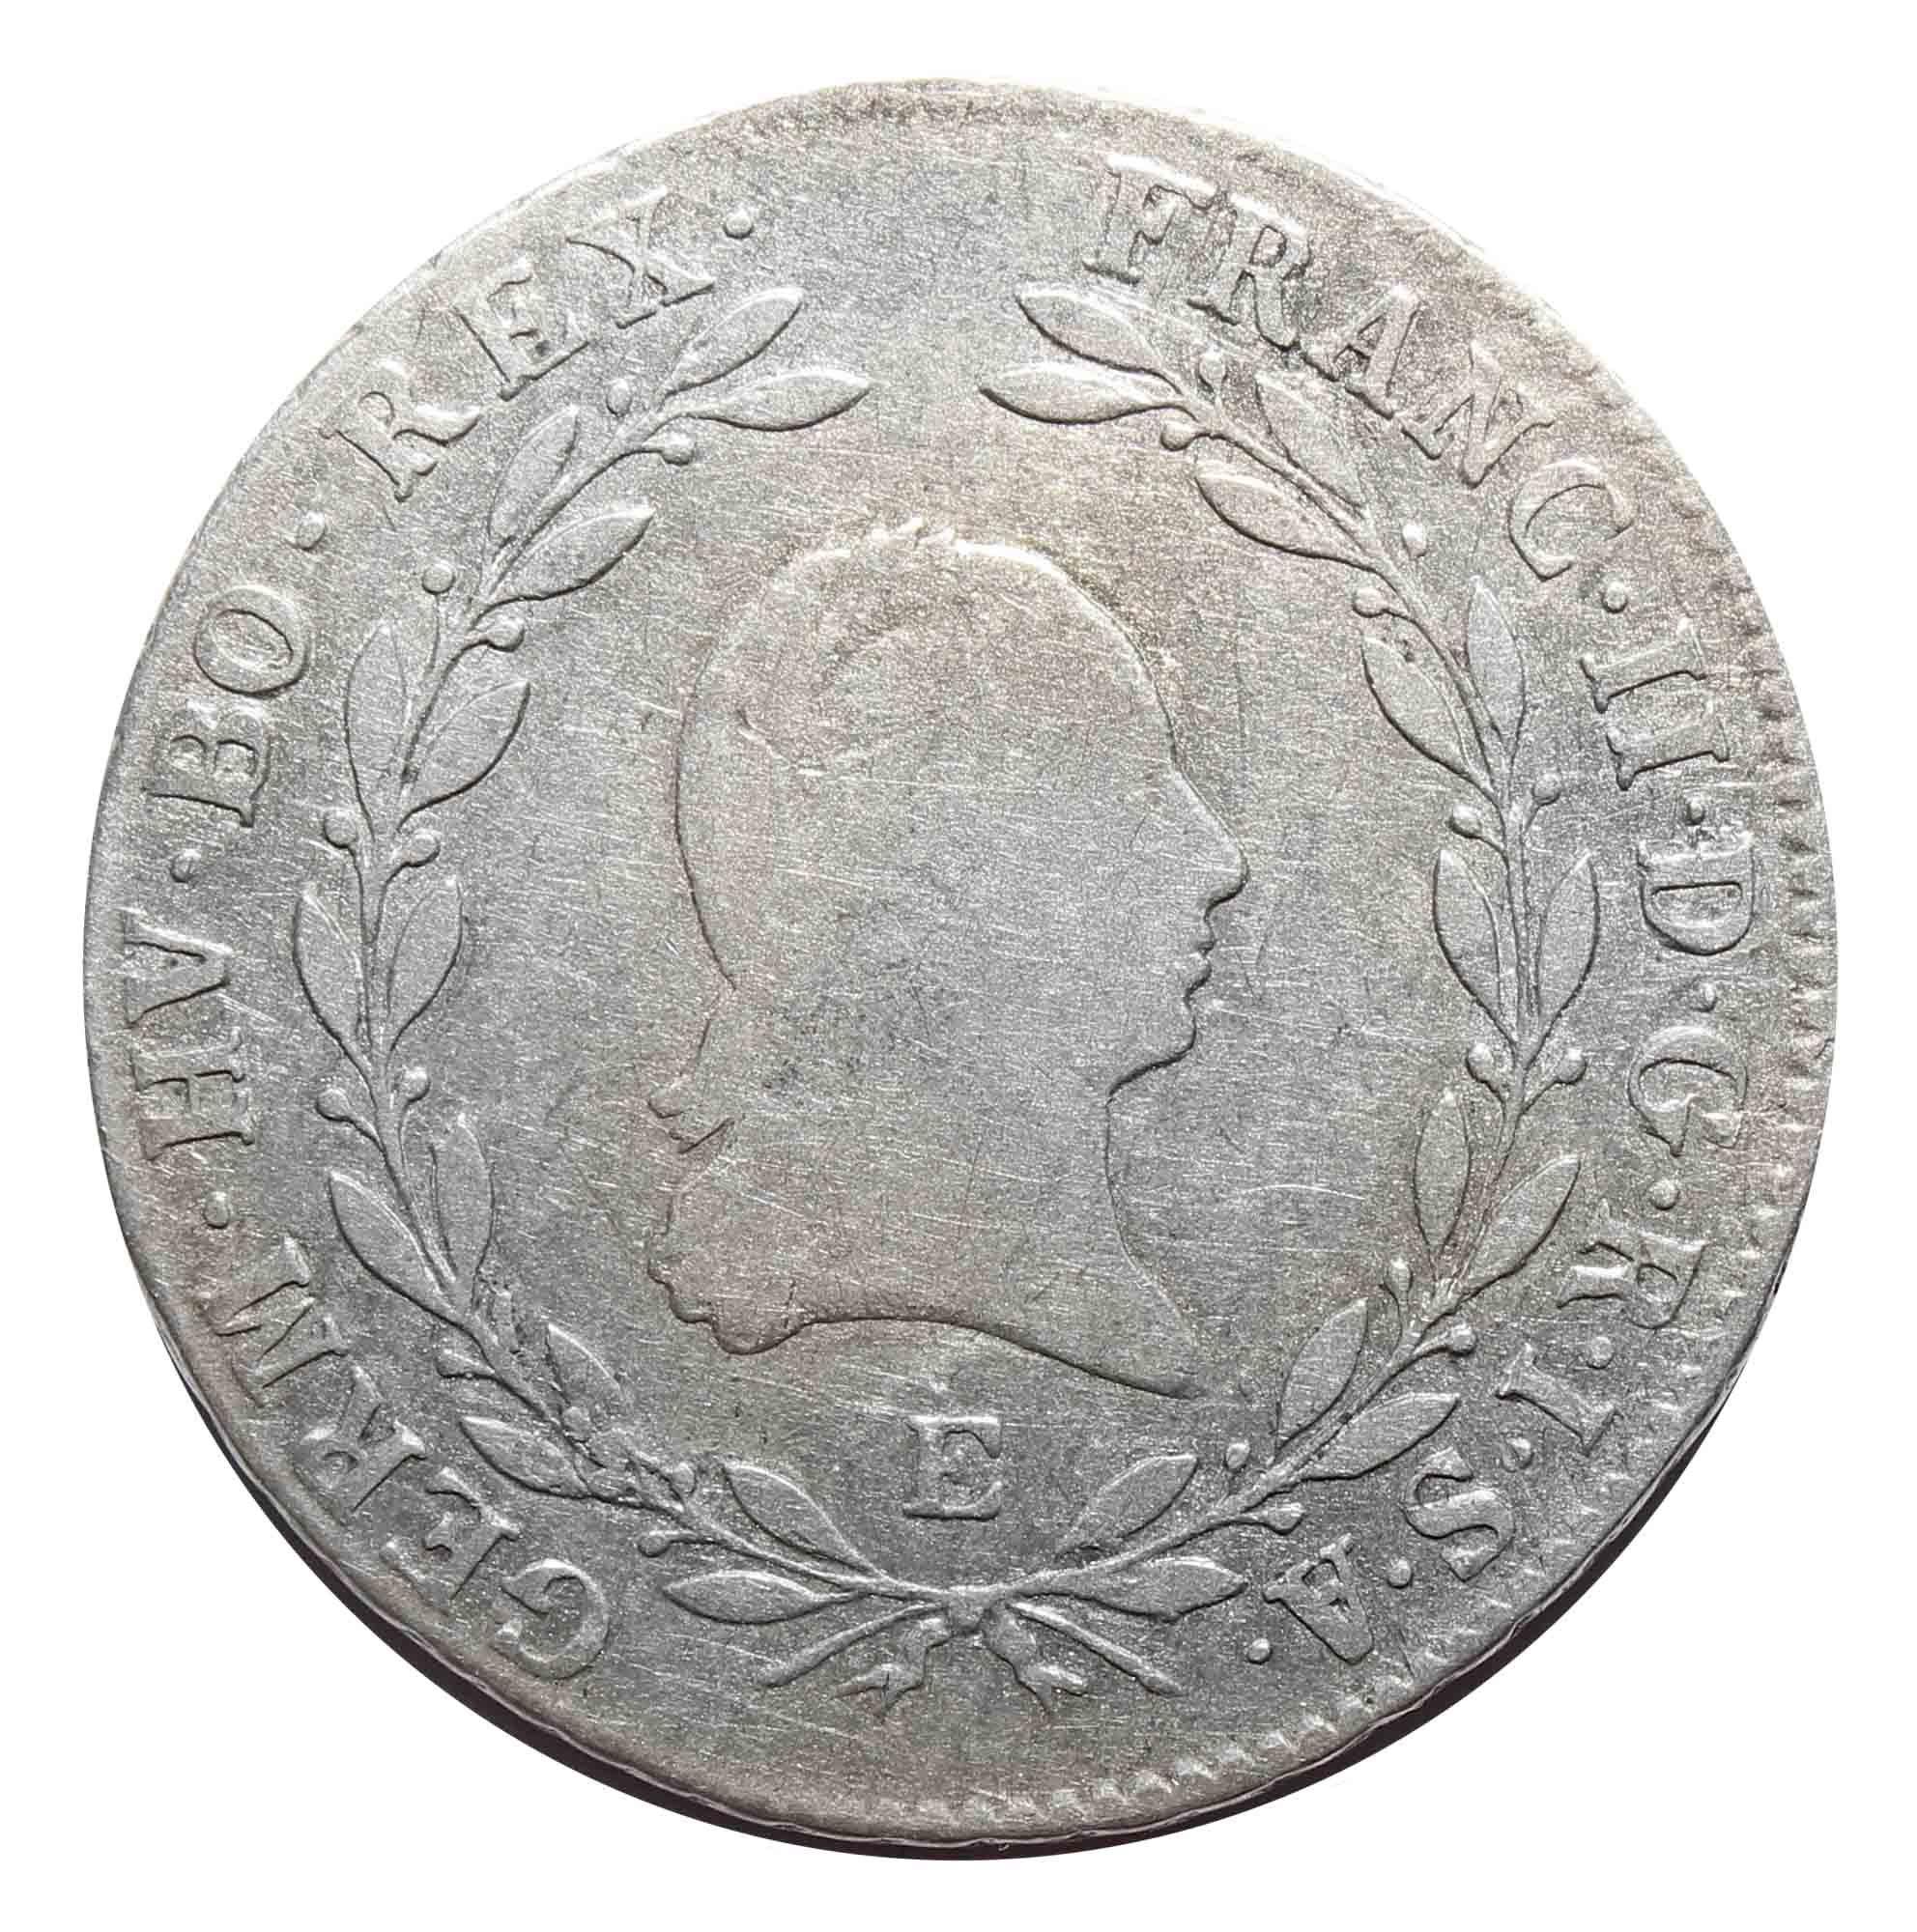 20 крейцеров. Франц II. Е. Австрия. 1804 год. Серебро. F+